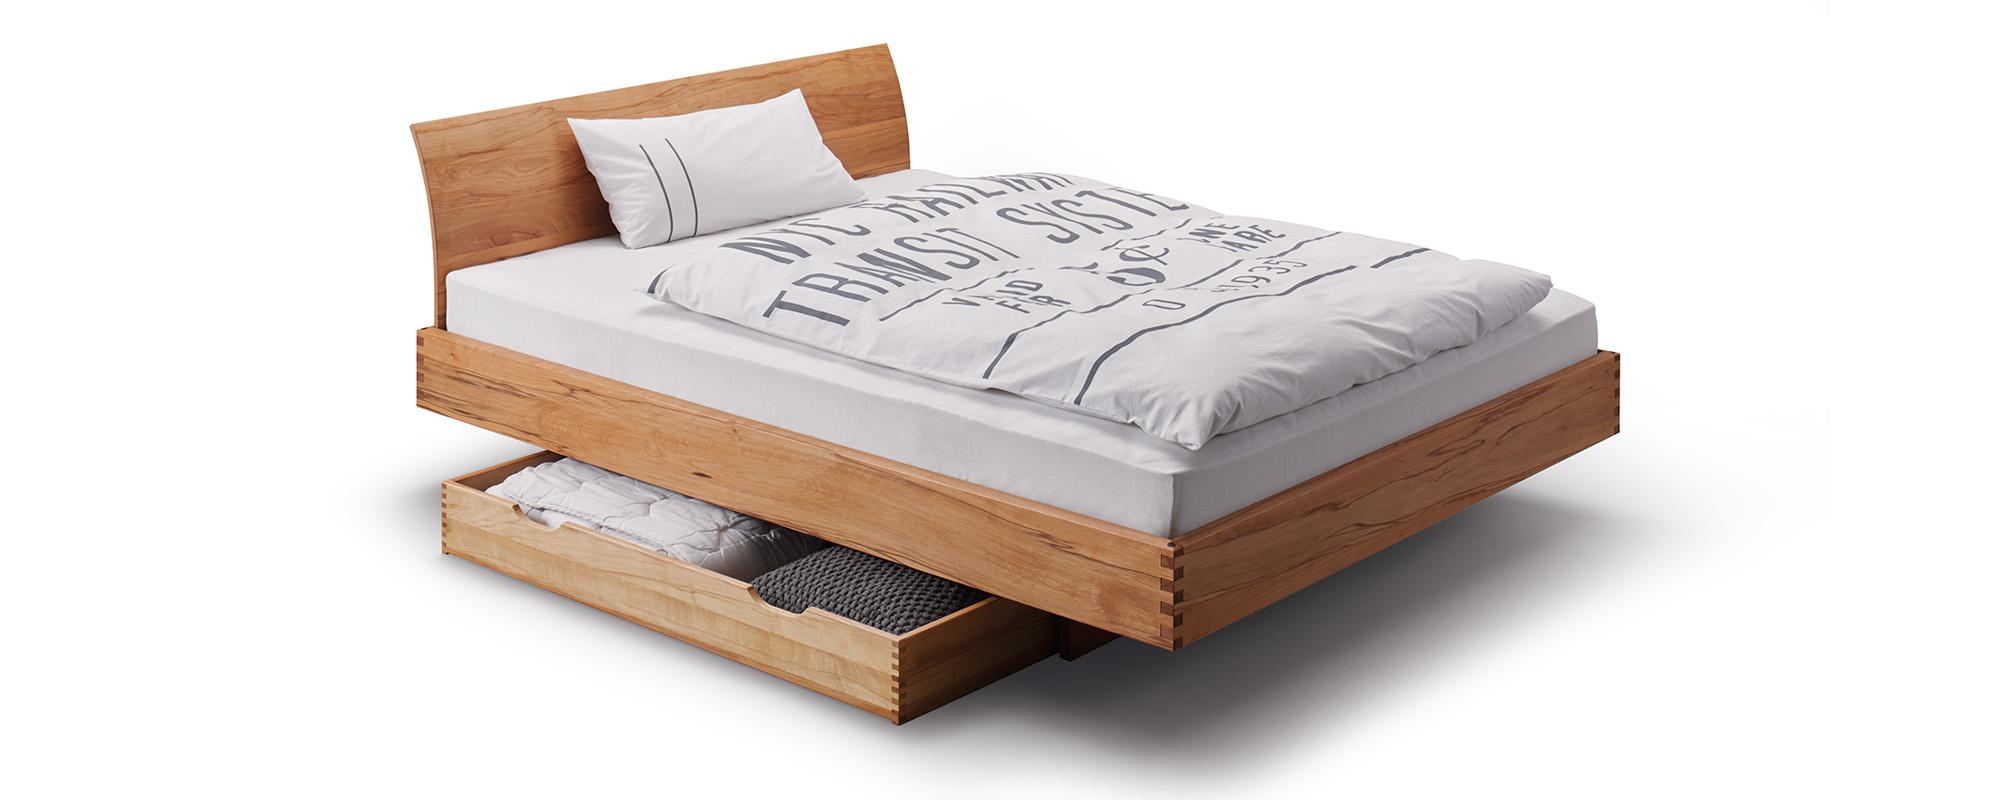 Full Size of Bett Nussbaum Massiv 180x200 Step Gezinktes Massivholzbett In Uvm Esstisch Stauraum Platzsparend Betten Massivholz überlänge Ruf Fabrikverkauf Luxus Bett Bett Nussbaum 180x200